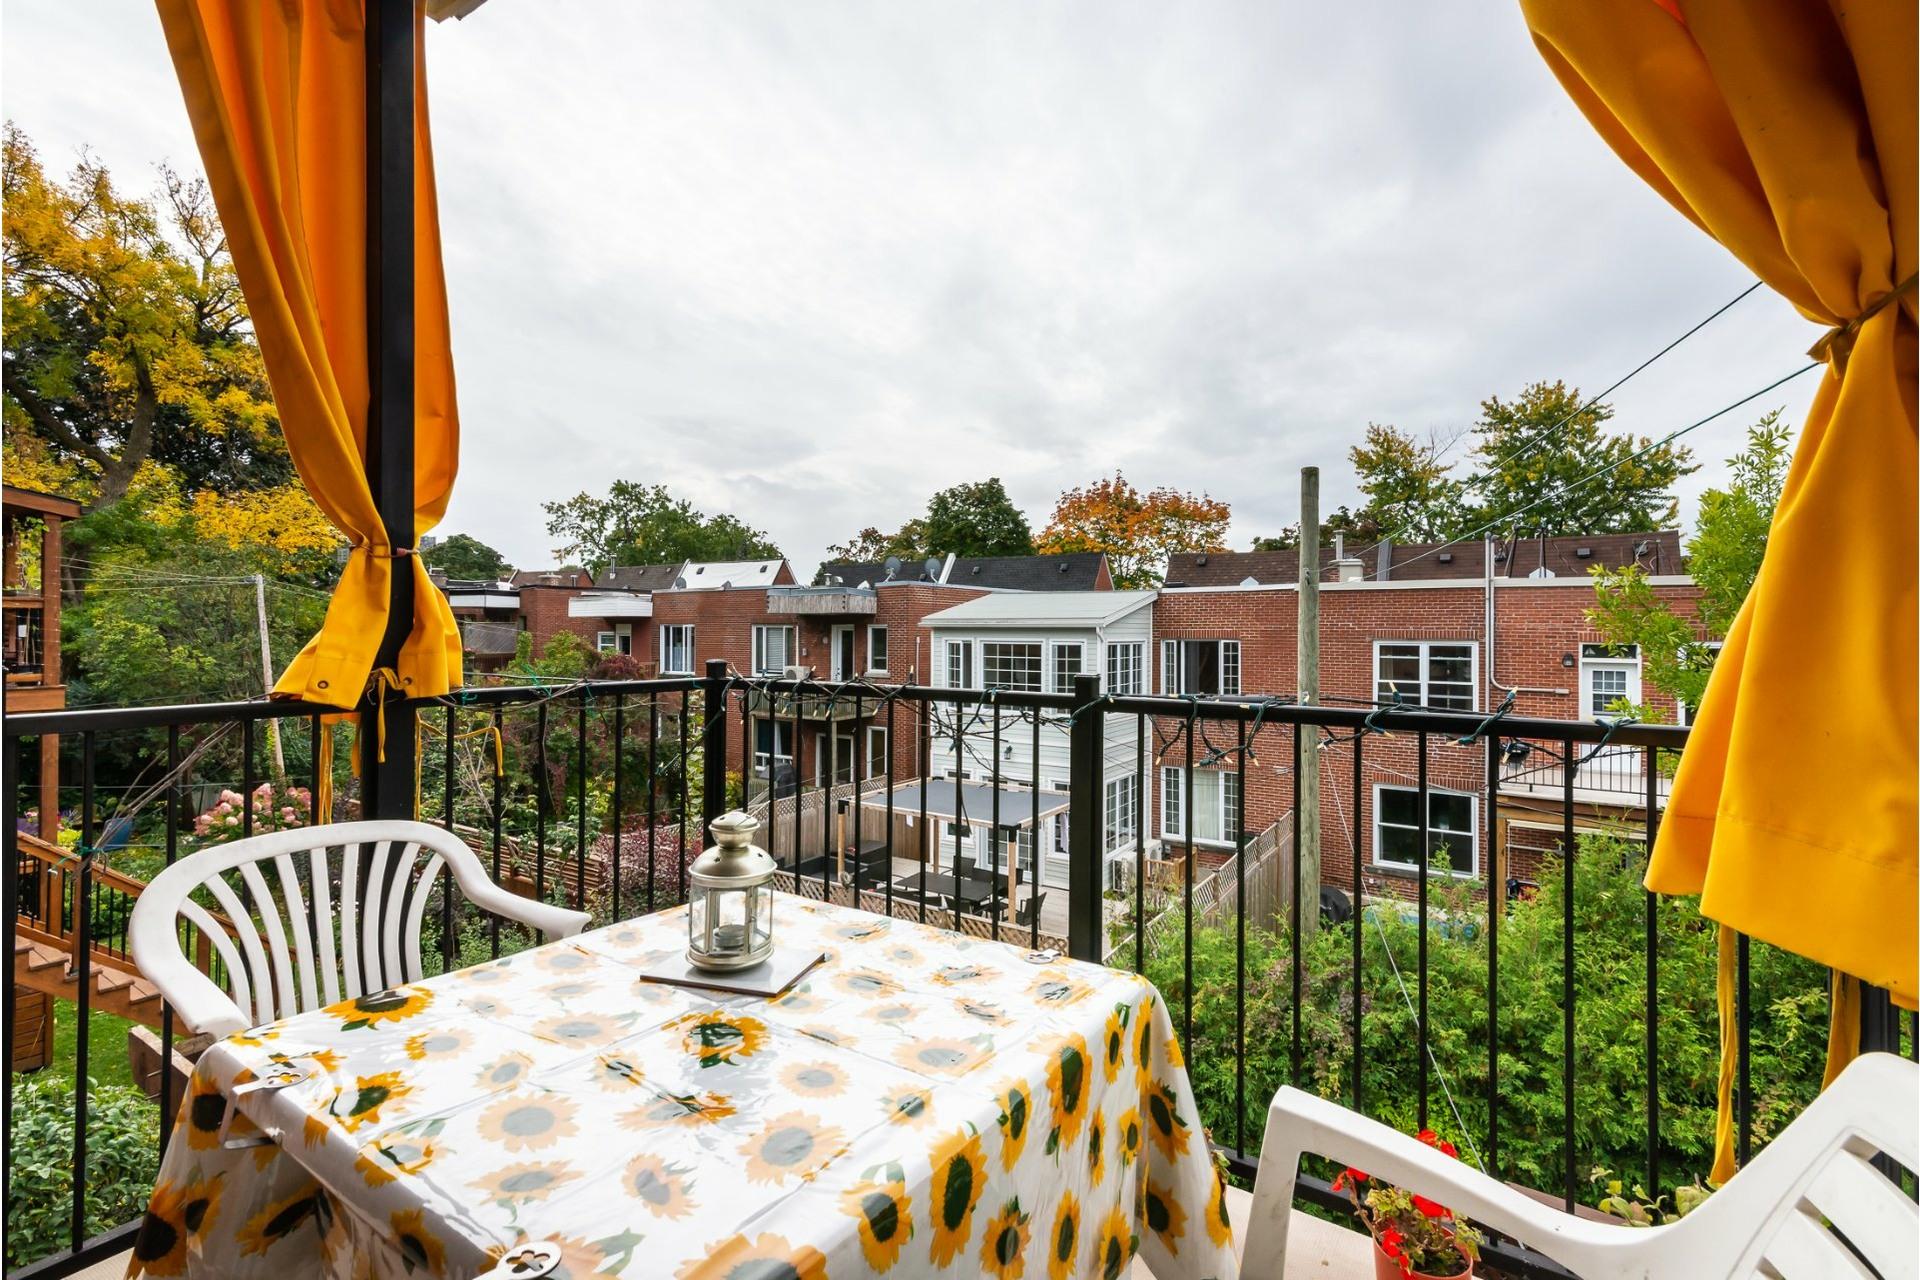 image 23 - Appartement À vendre Côte-des-Neiges/Notre-Dame-de-Grâce Montréal  - 7 pièces